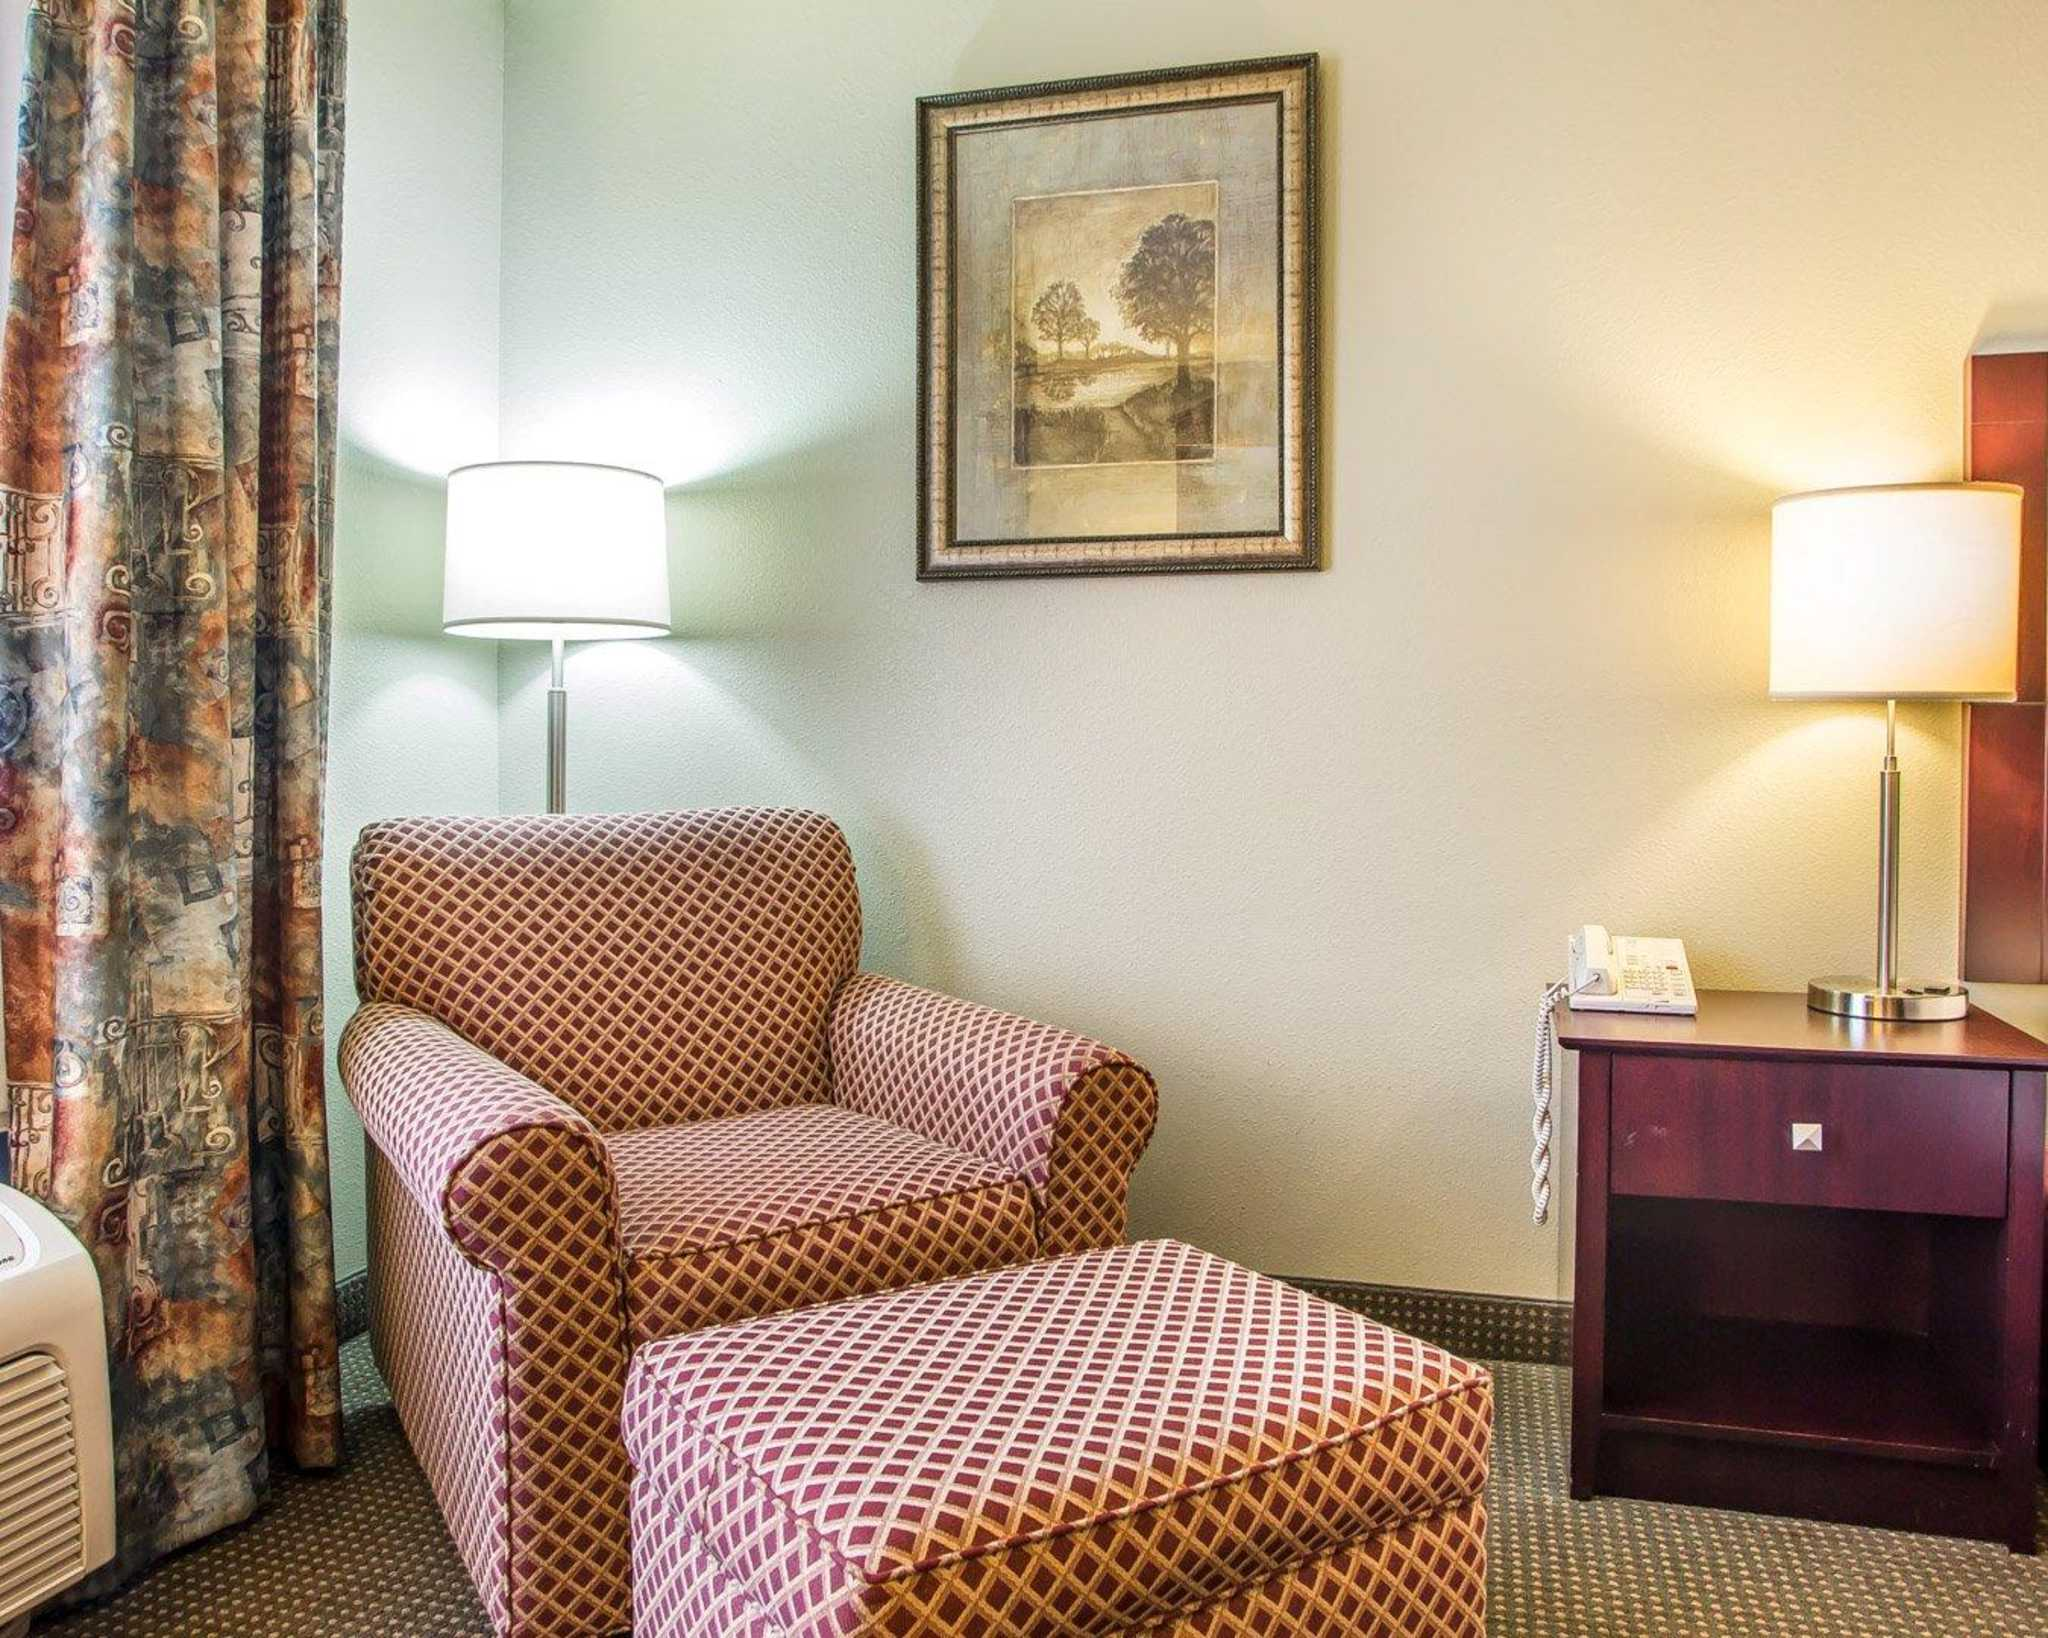 Quality Inn St. Robert - Ft. Leonard Wood image 8